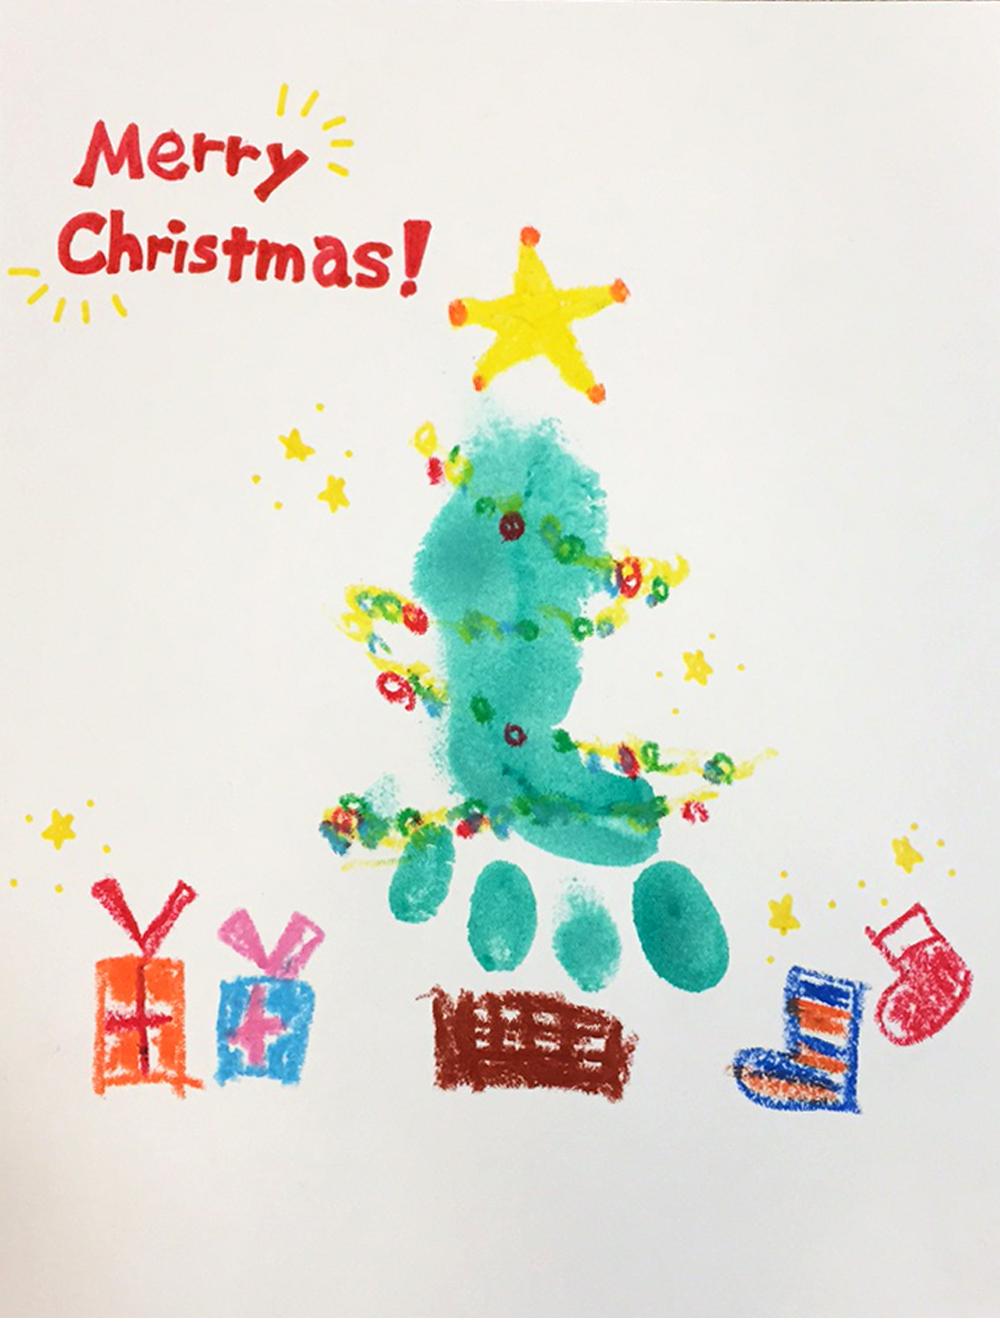 【クリスマス特別イベント】12/13(水)手形あそび